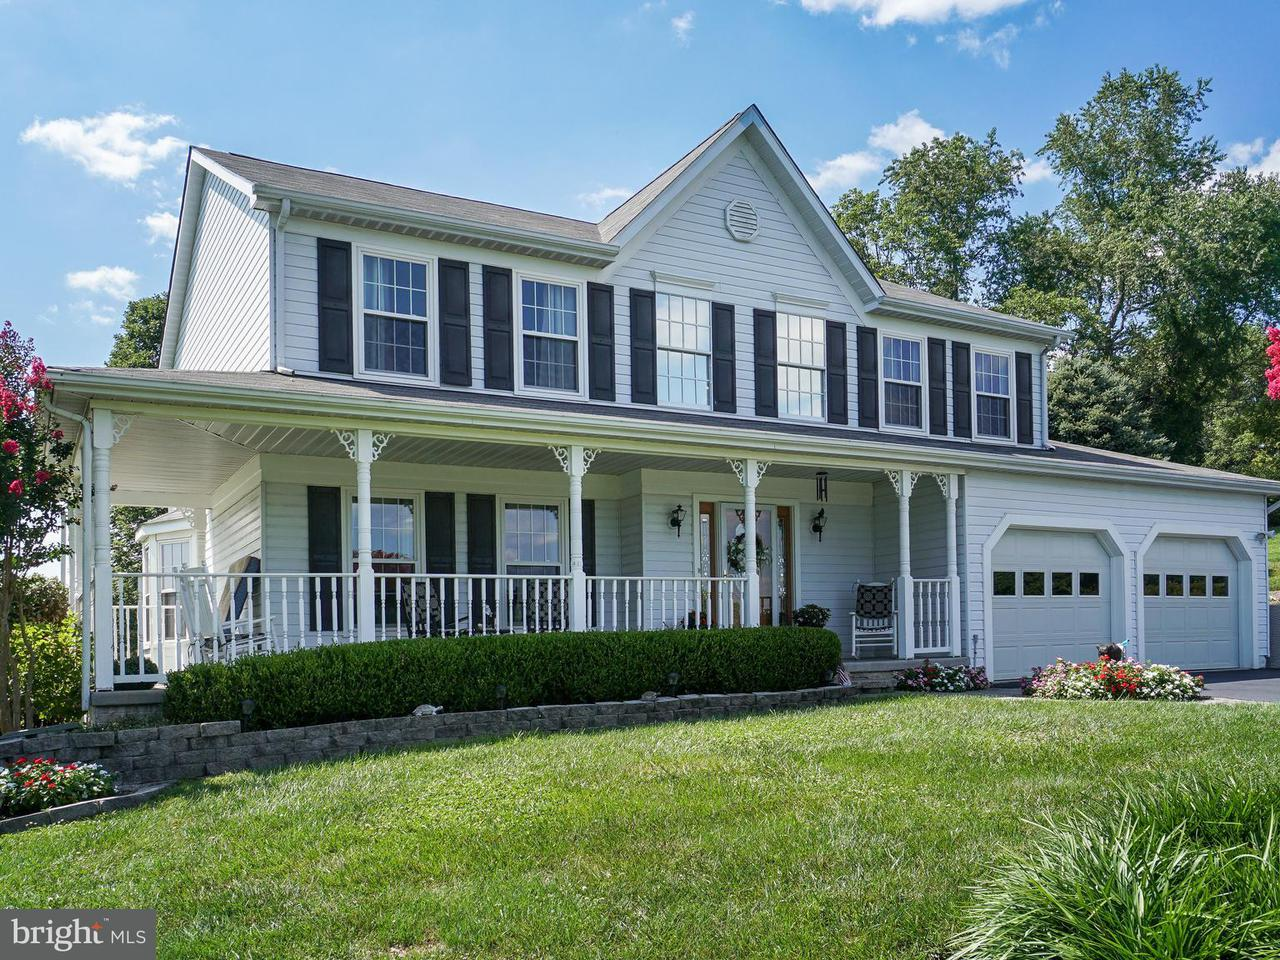 一戸建て のために 売買 アット 3202 PEDDICOAT Court 3202 PEDDICOAT Court Woodstock, メリーランド 21163 アメリカ合衆国